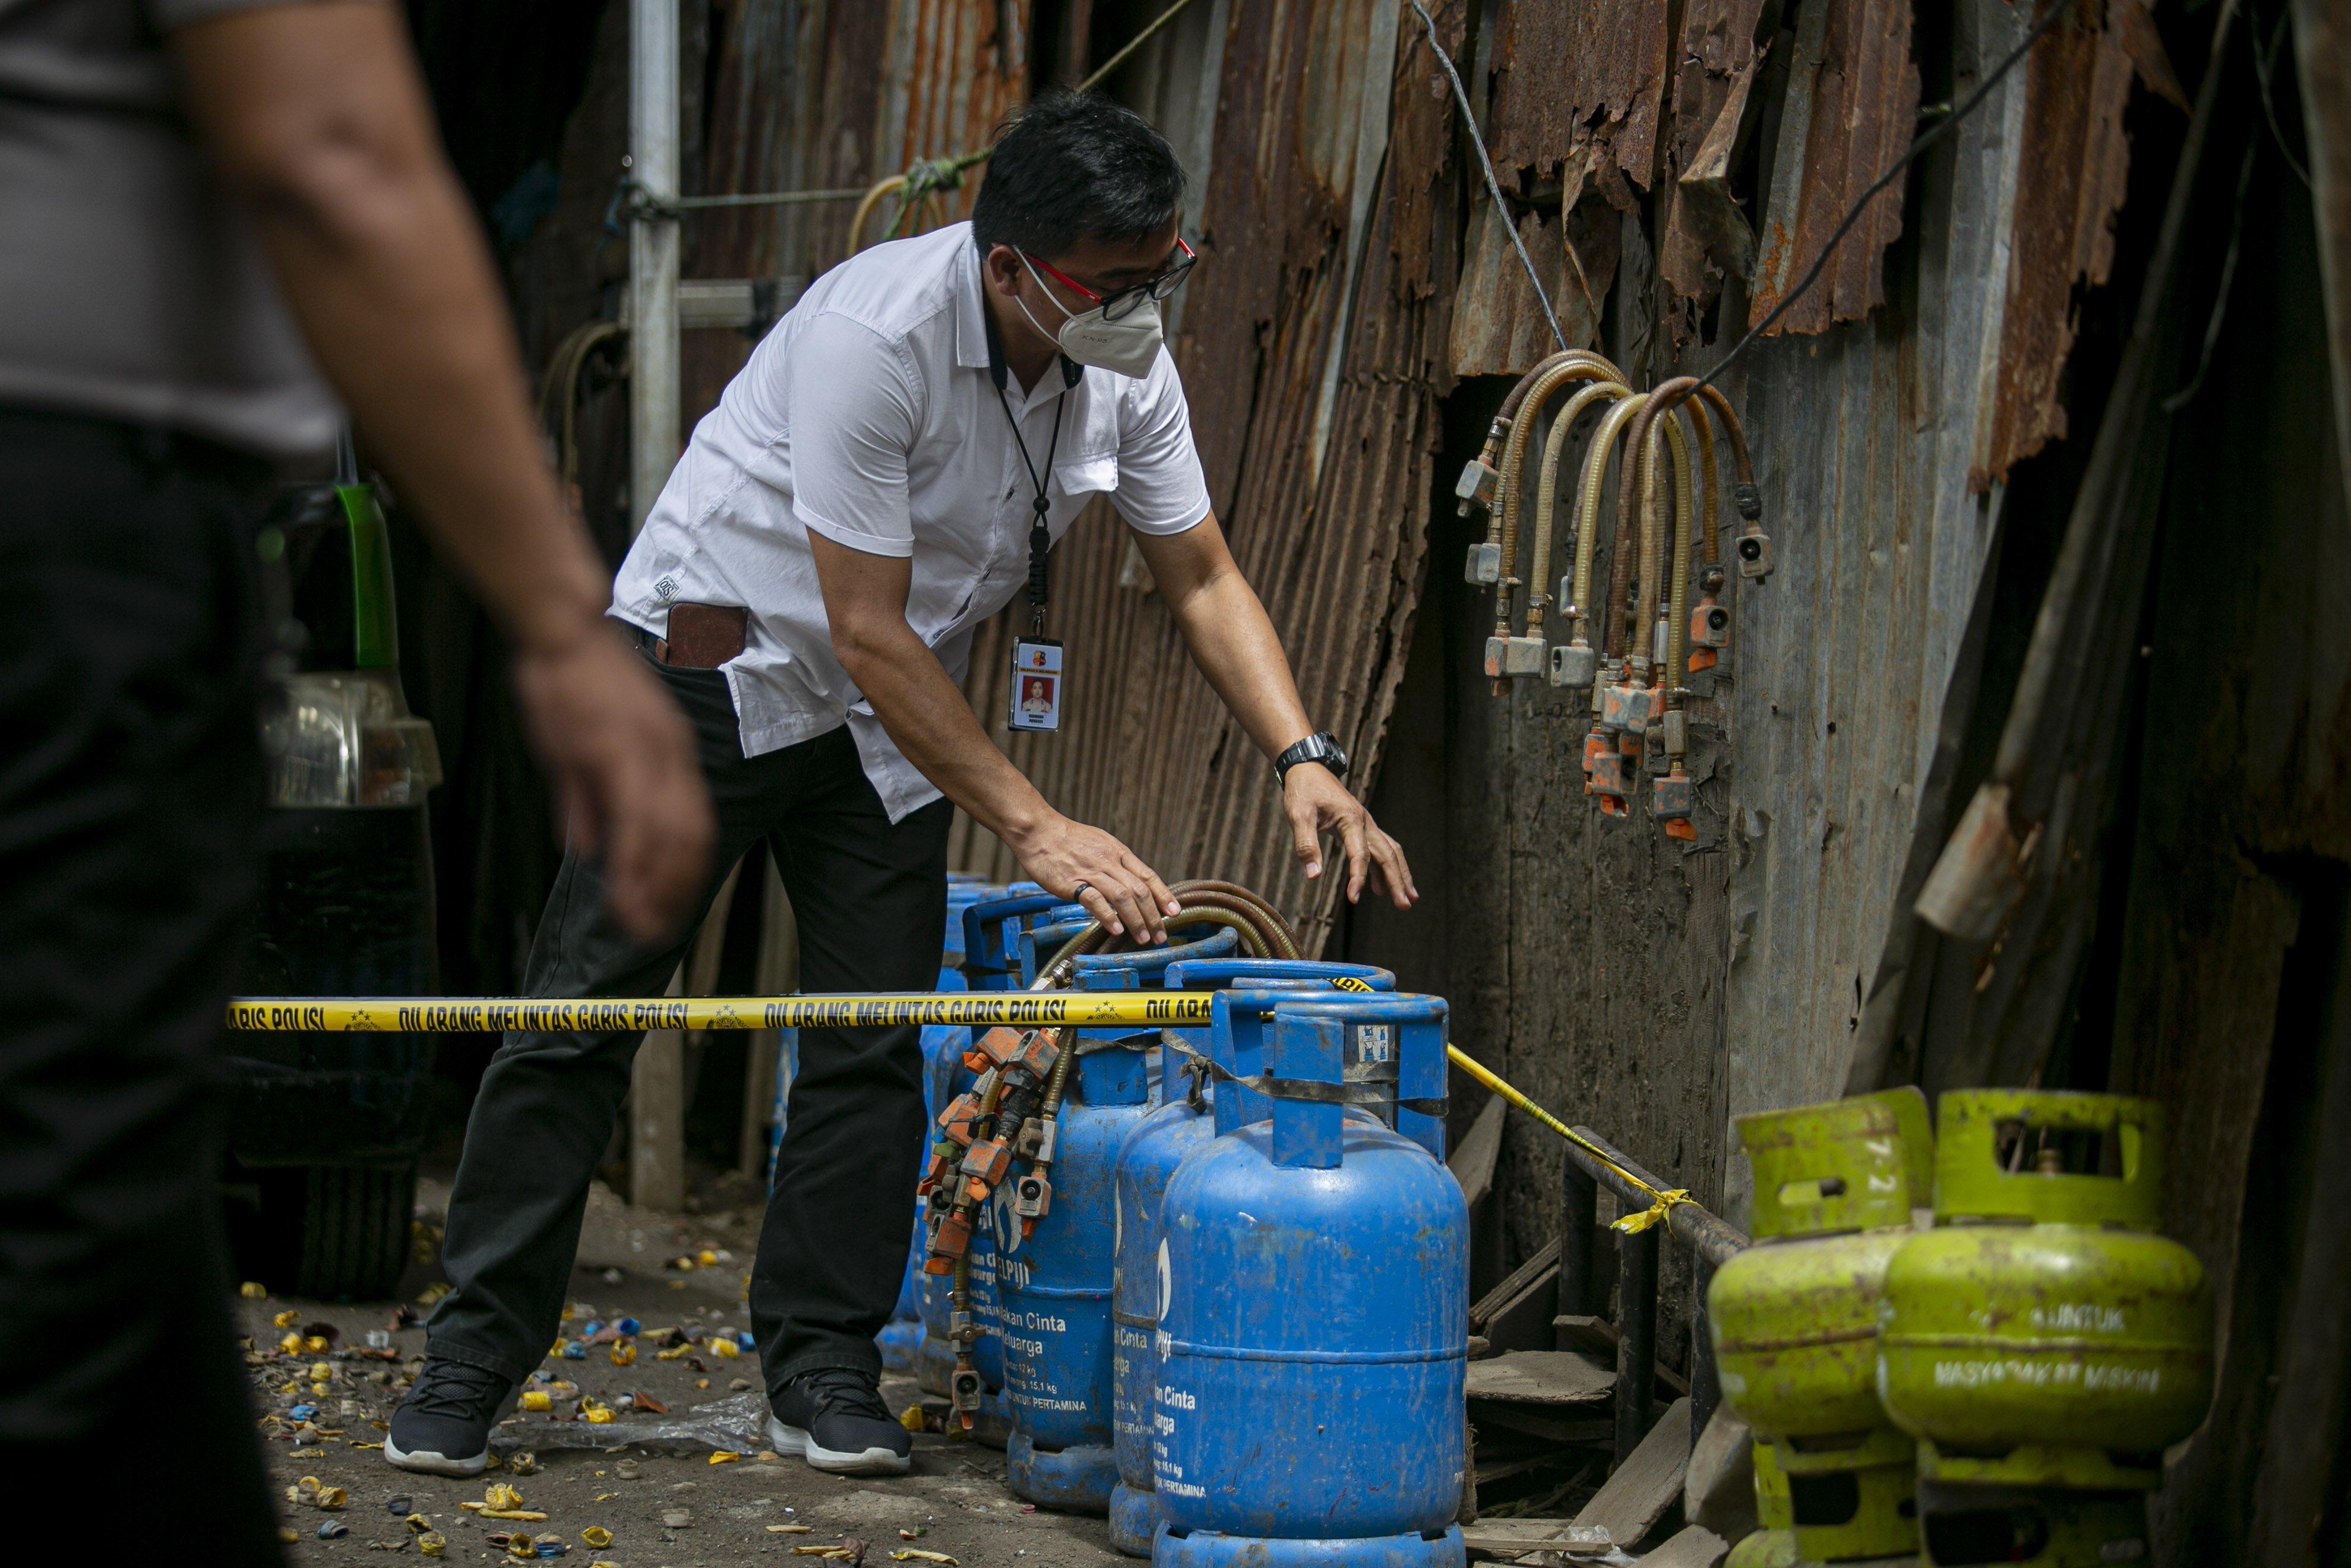 Petugas memeriksa barang bukti tabung gas LPG kasus pengoplosan gas bersubsidi di kawasan Meruya, Jakarta Barat, Selasa (6/4/2021). Bareskrim Polri membongkar praktik kecurangan dengan cara menyalahgunakan penggunaan gas LPG subsidi 3 kg dengan menyuntikkan ke gas 12 kg, aksi tersebut berlangsung sejak tahun 2018 dengan kerugian negara mencapai Rp 7 miliar.